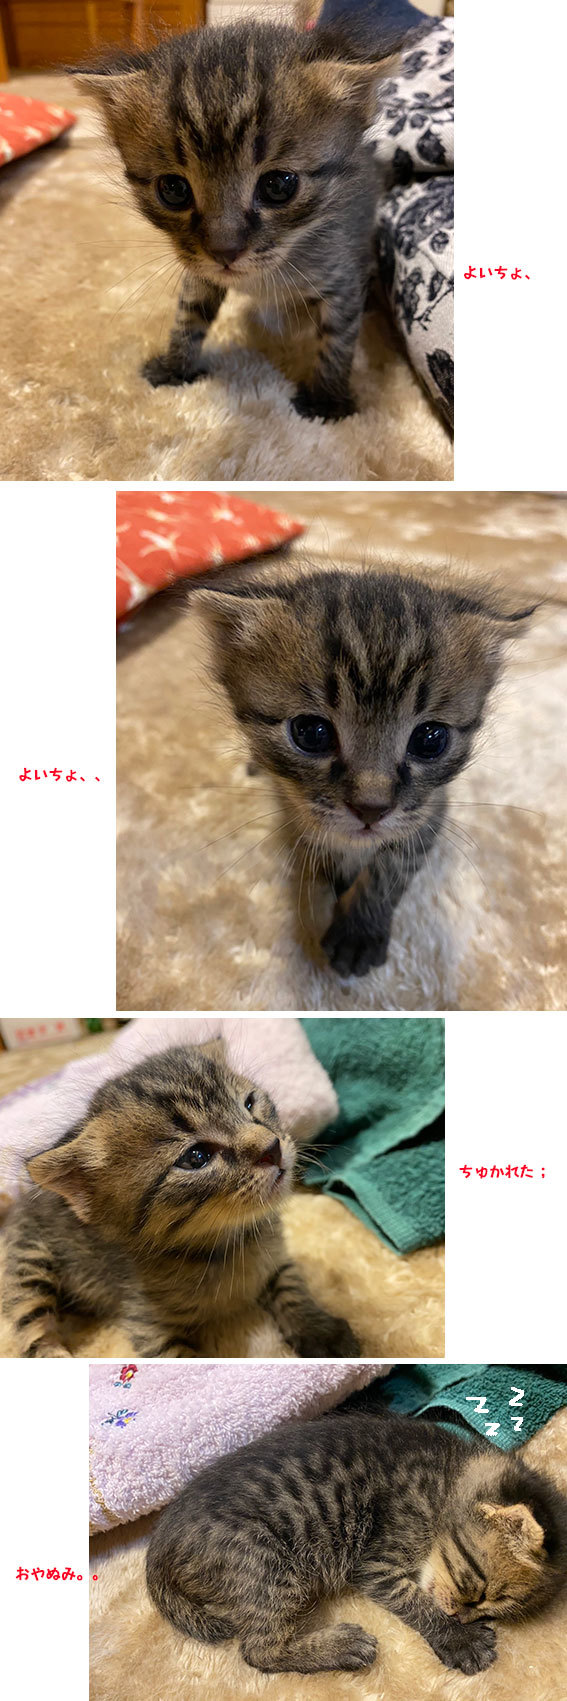 健ときなことあんこと貝ちゃん&フックちゃん_d0071596_00031115.jpg